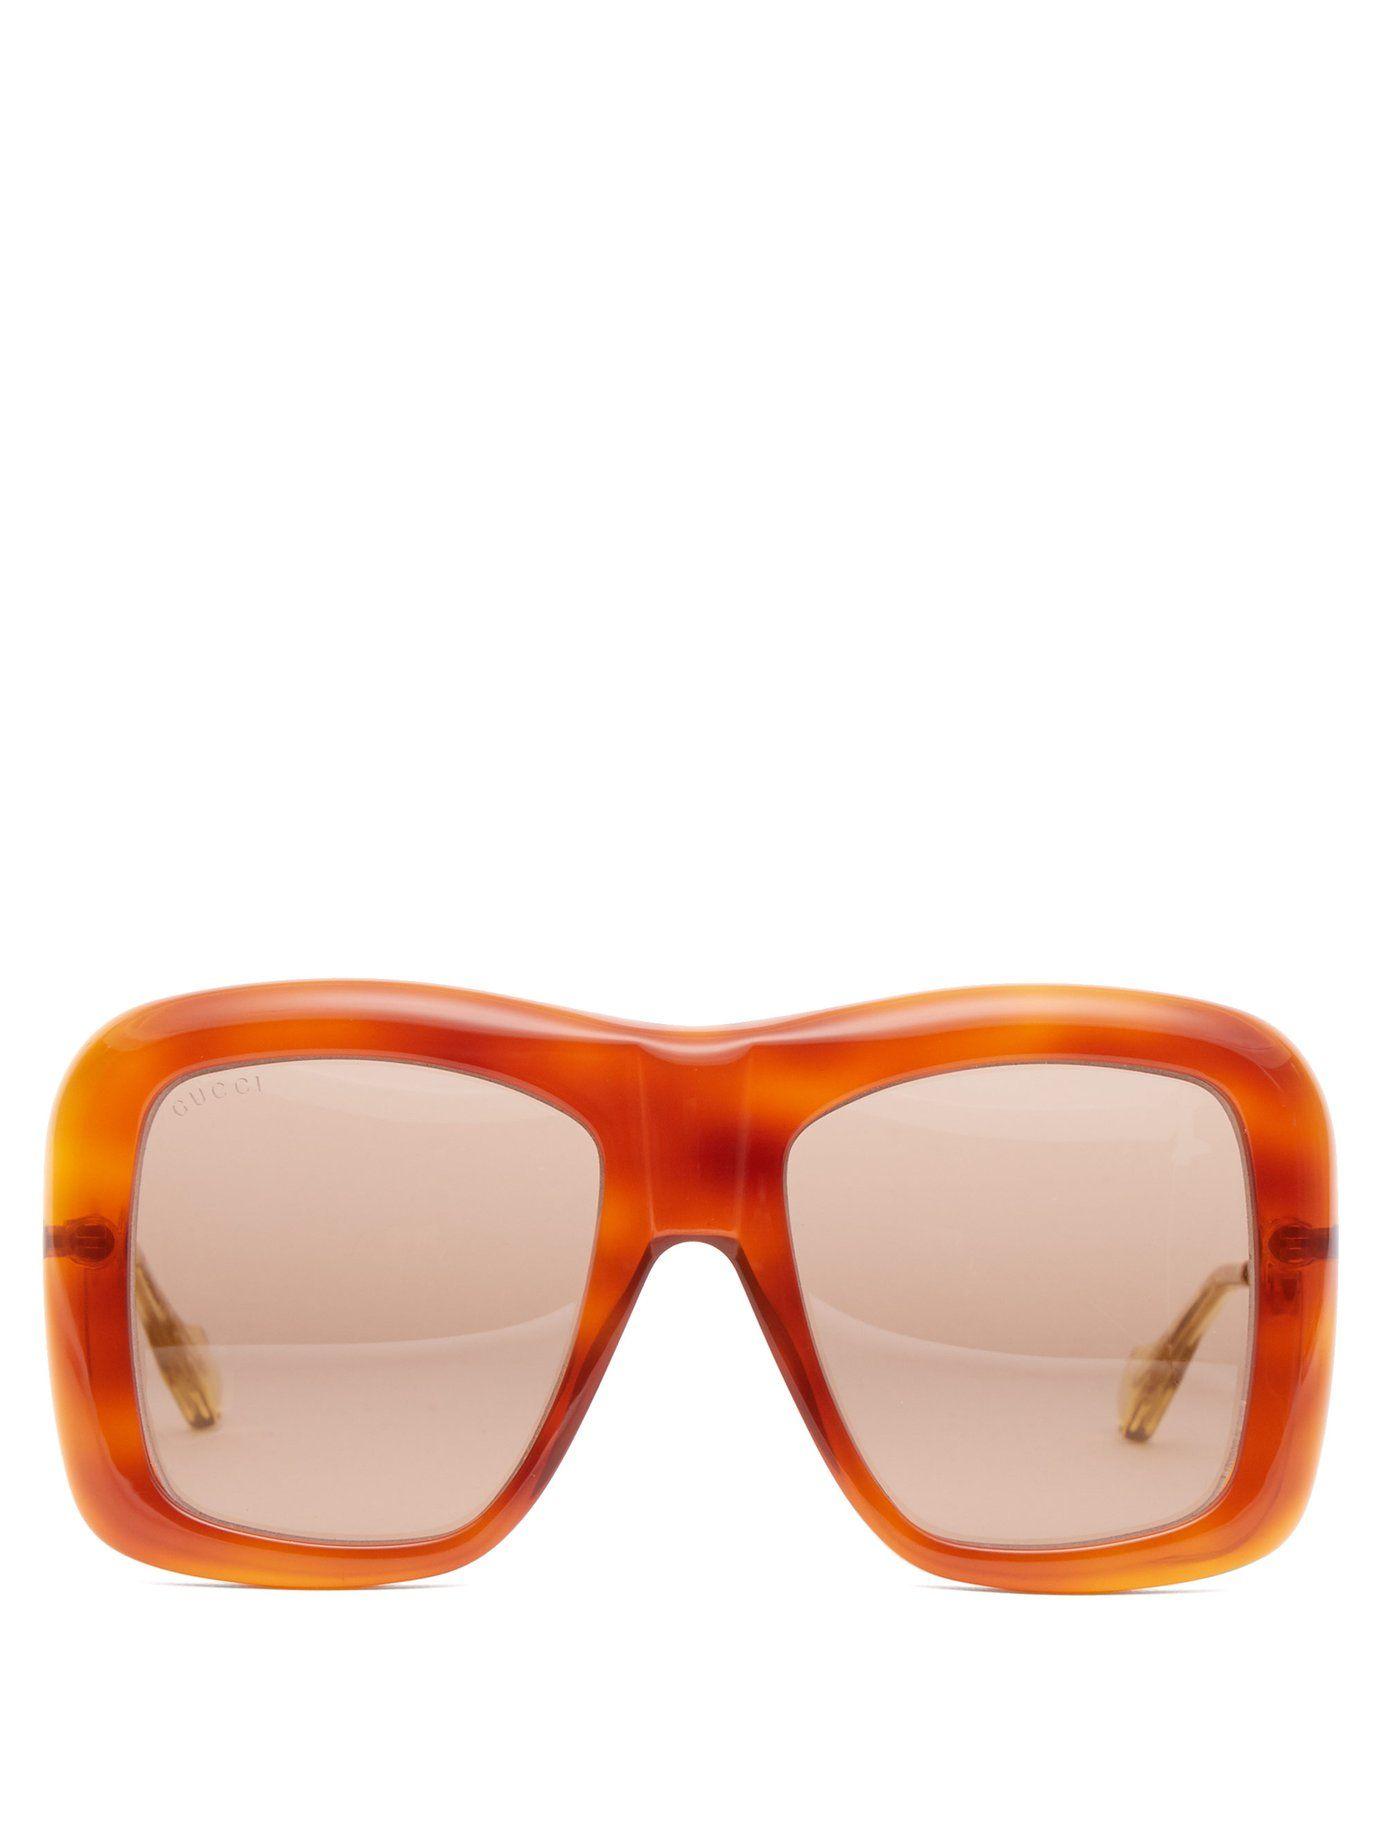 94521557ec4c8 Square-frame acetate and metal sunglasses